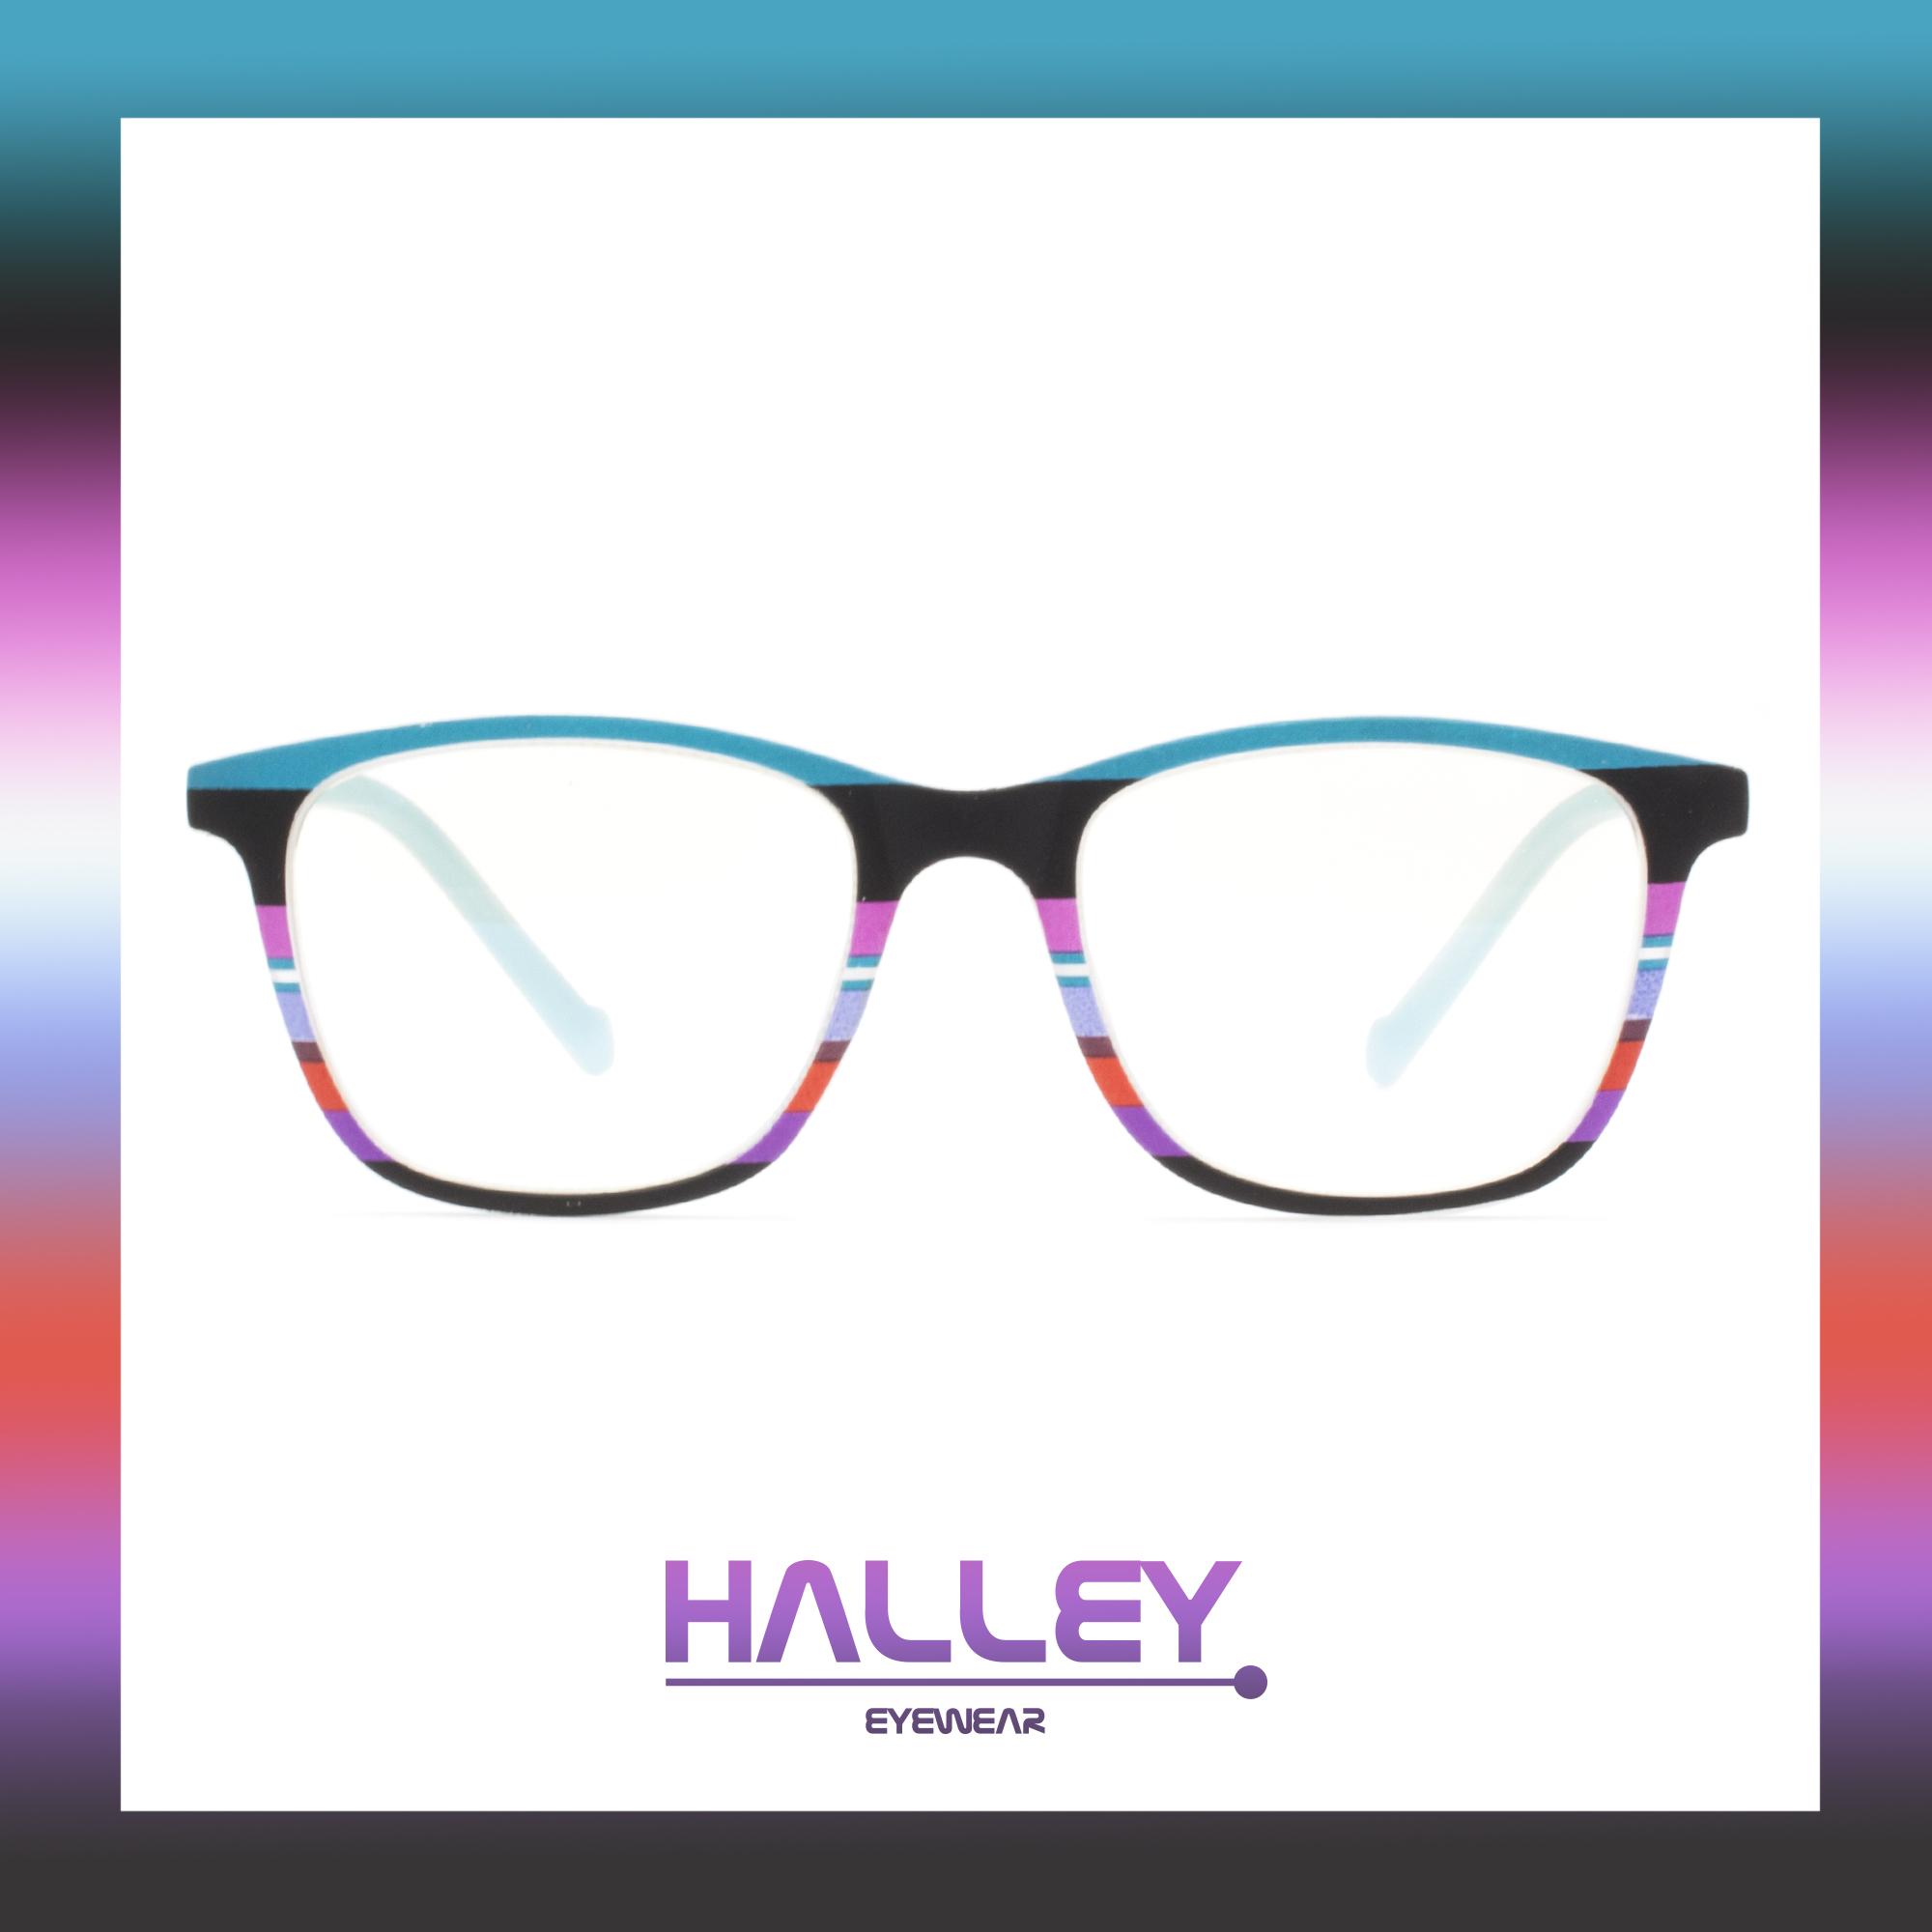 05eb1768a5 Las gafas premontadas suelen estar hechas de plástico y suelen ser bastante  económicas. Algunas llevan filtro azul con un tratamiento antirreflejante  para ...